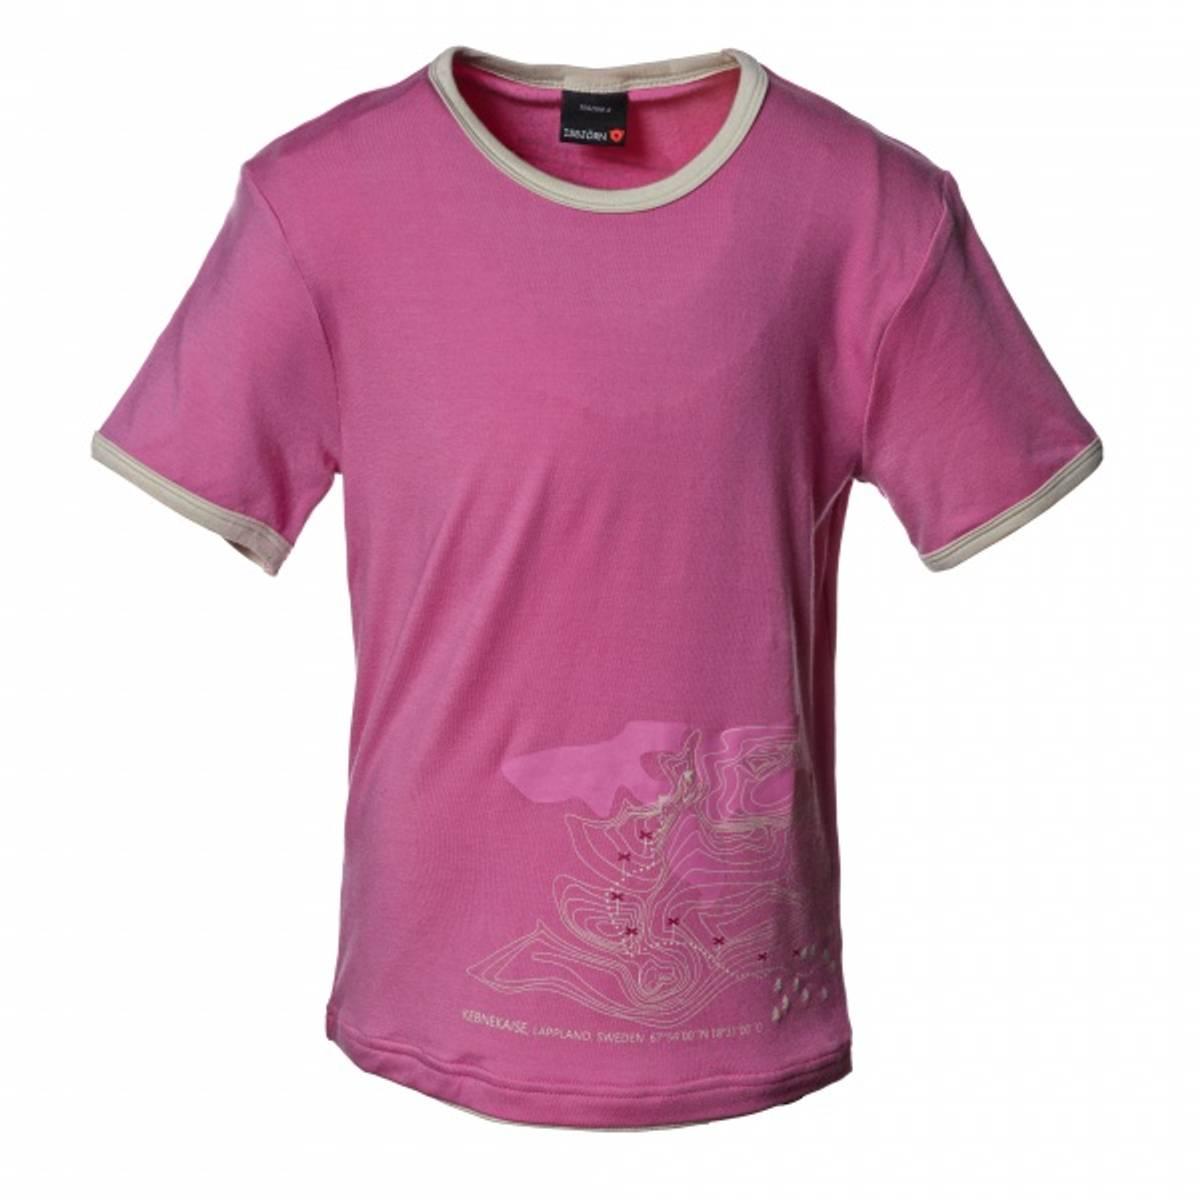 Isbjörn Mountain tskjorte - rosa